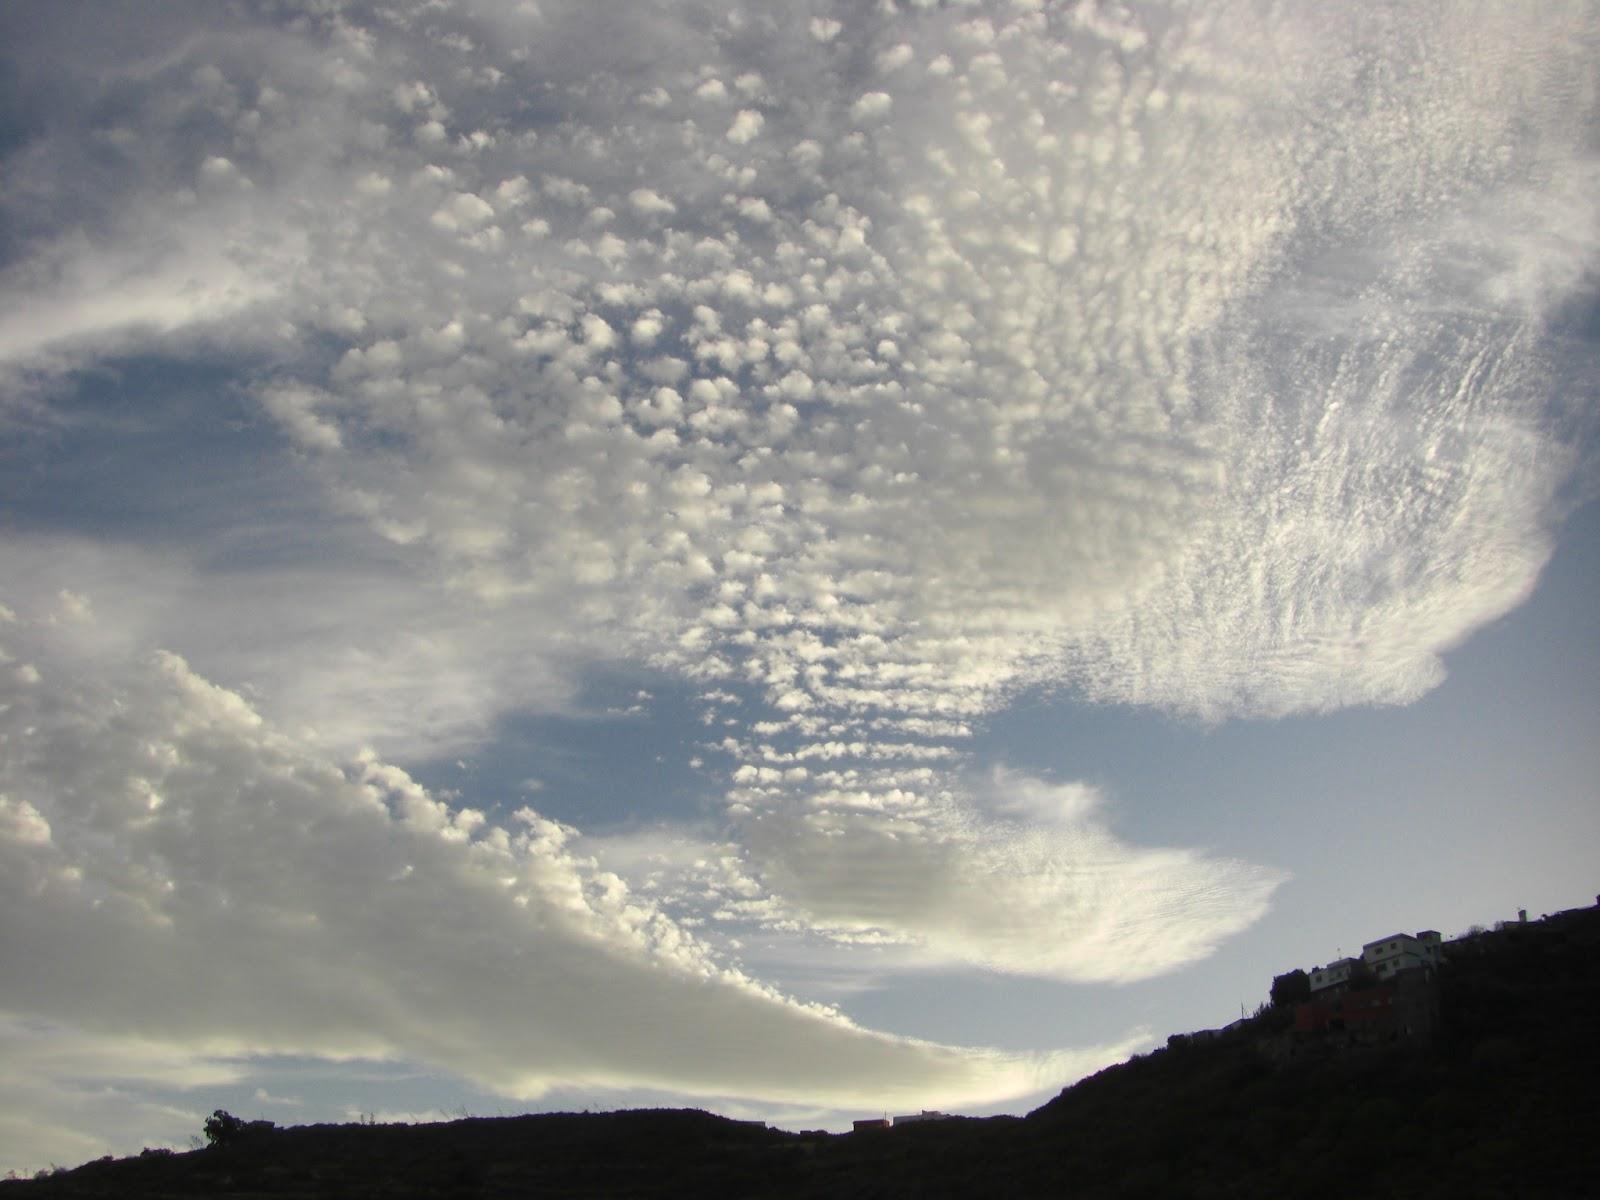 Mirando el cielo por segunda vez - 3 3